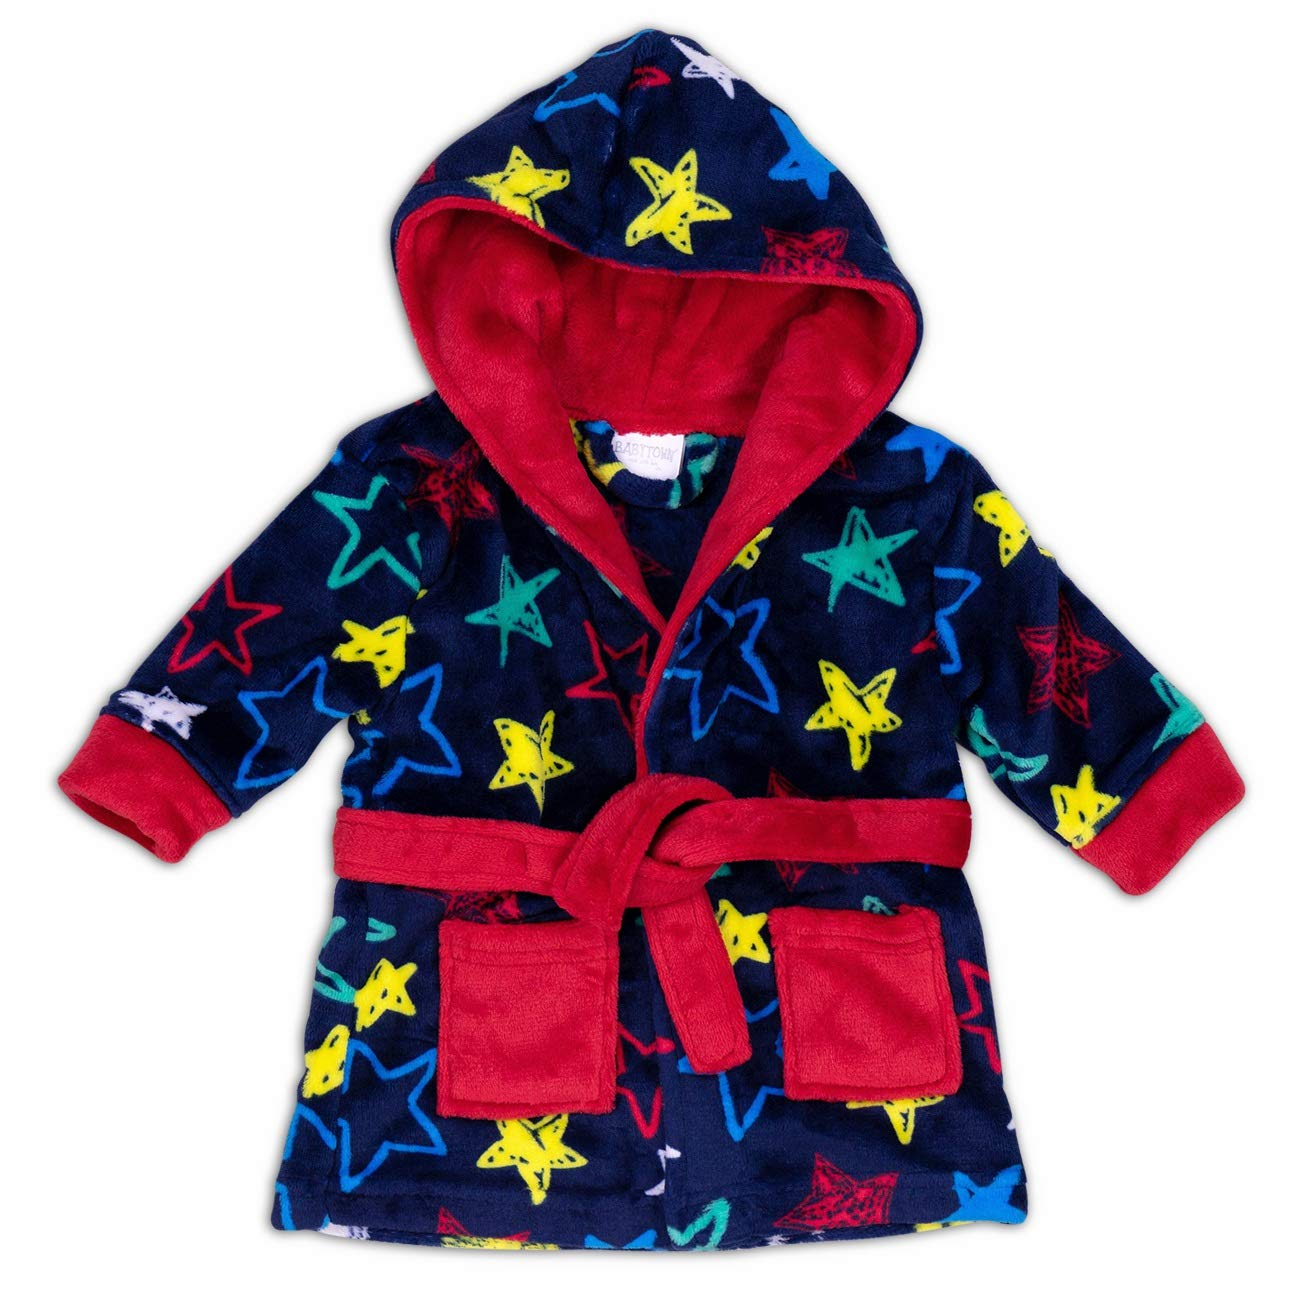 Babytown Baby Bademantel dunkelblau rot | Motiv: Sterne | Bademantel mit Kapuze für Neugeborene & Kleinkinder | Größe: 12-18 Monate (80/86)